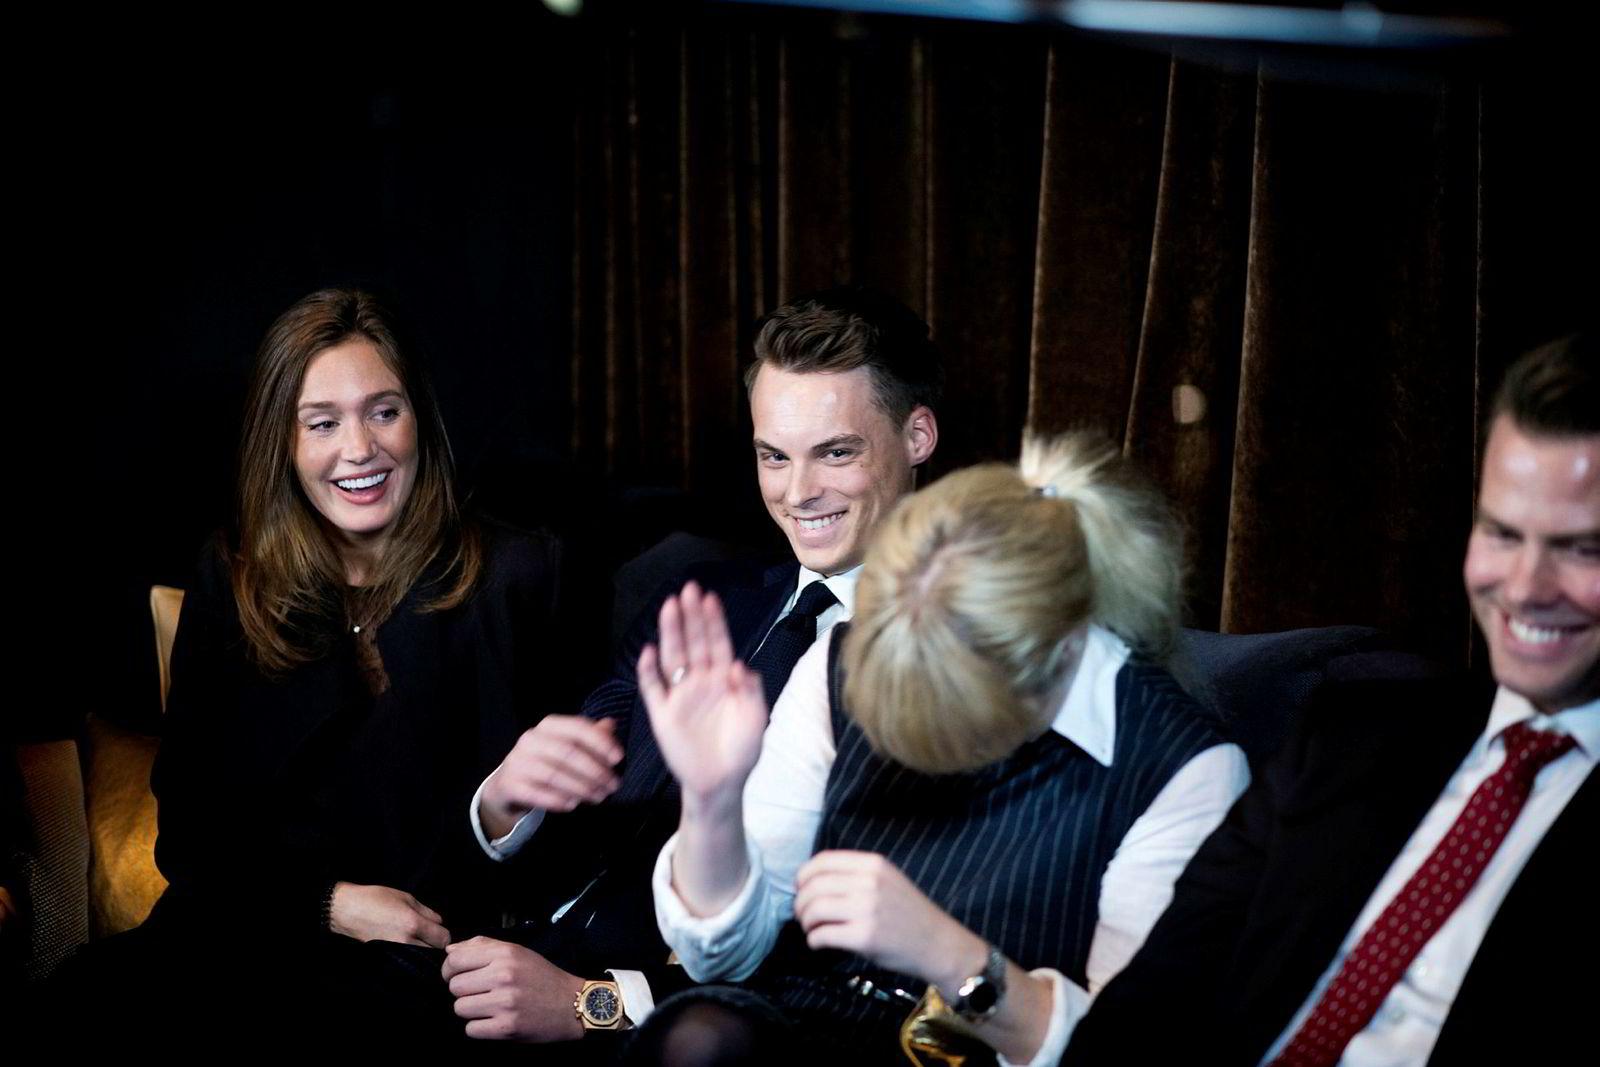 Latteren sitter løst når arvingene møtes. Fra venstre: Anette Ringnes, Gustav M. Witzøe, Katharina G. Andresen og Lars Ola Kjos.